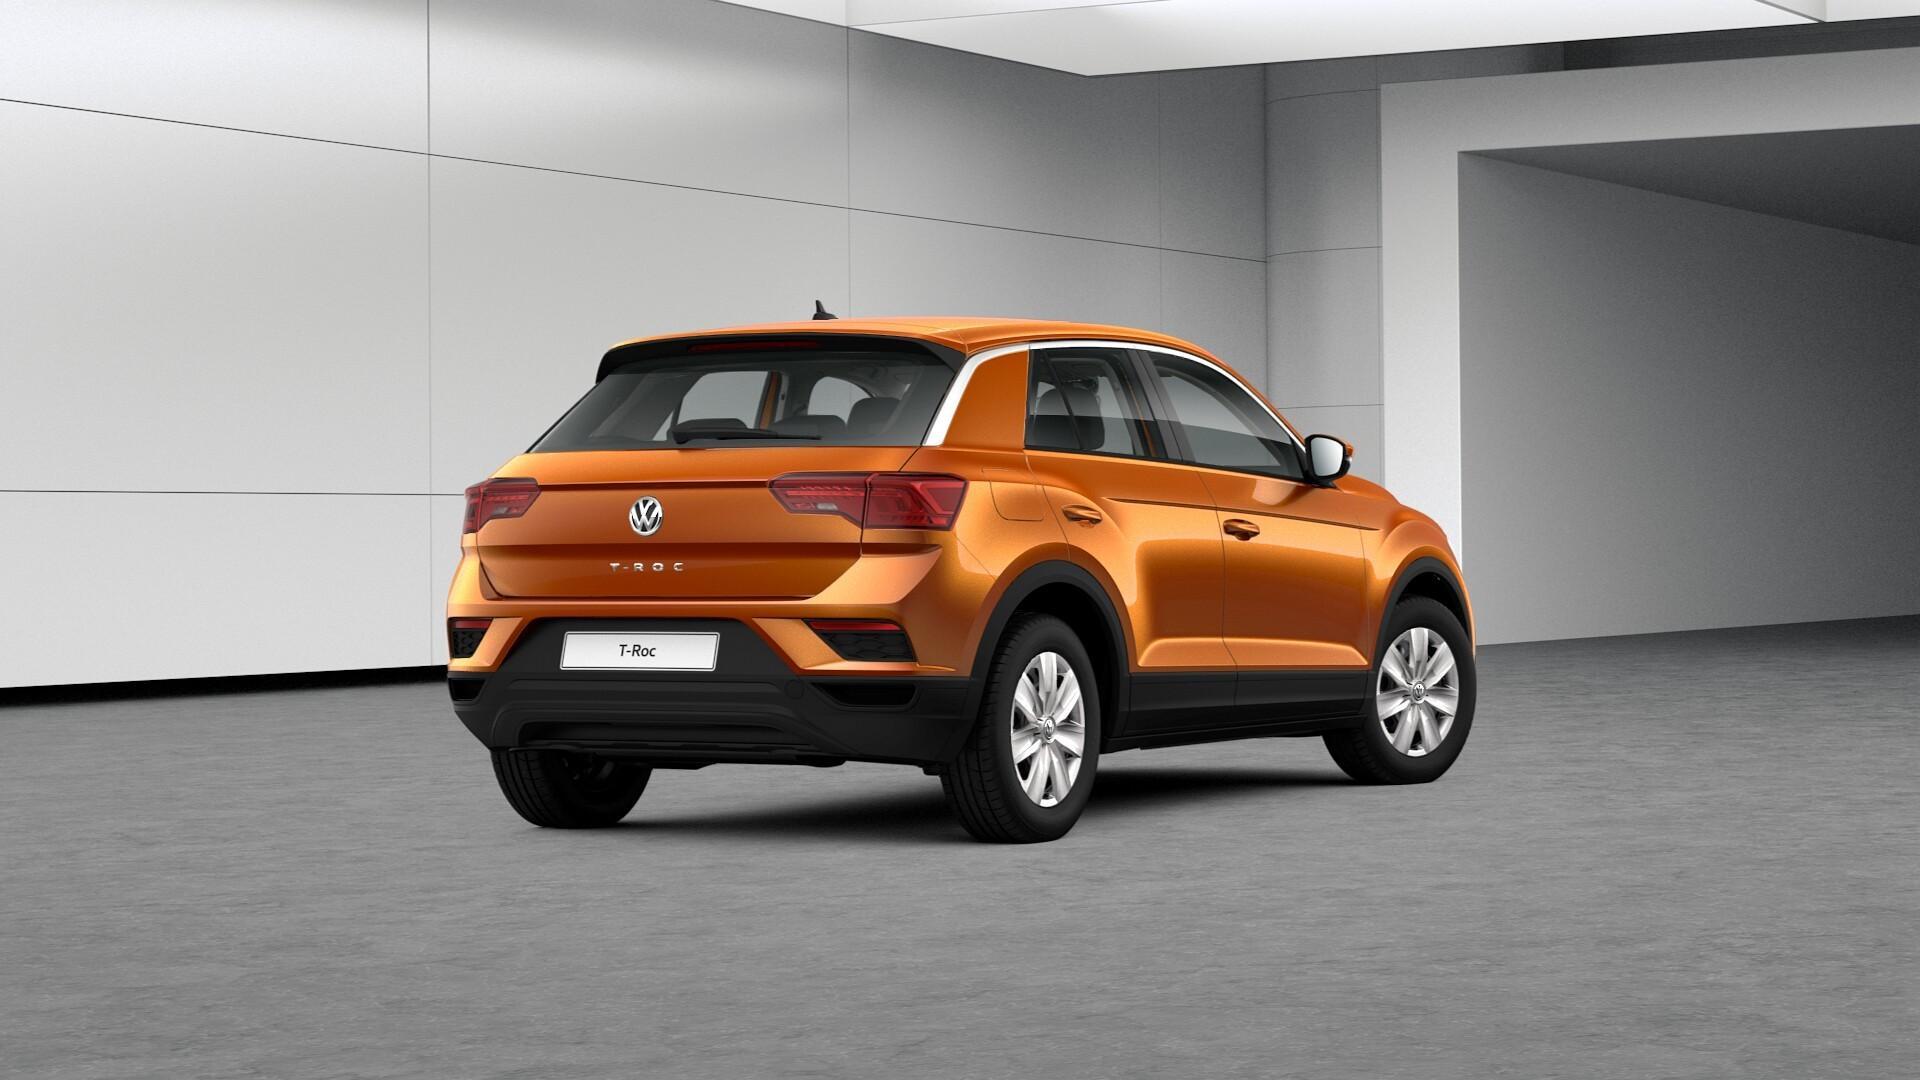 EU-Neuwagen- Volkswagen T-ROC Licht-und-Sicht-Paket/Chester ALU ...